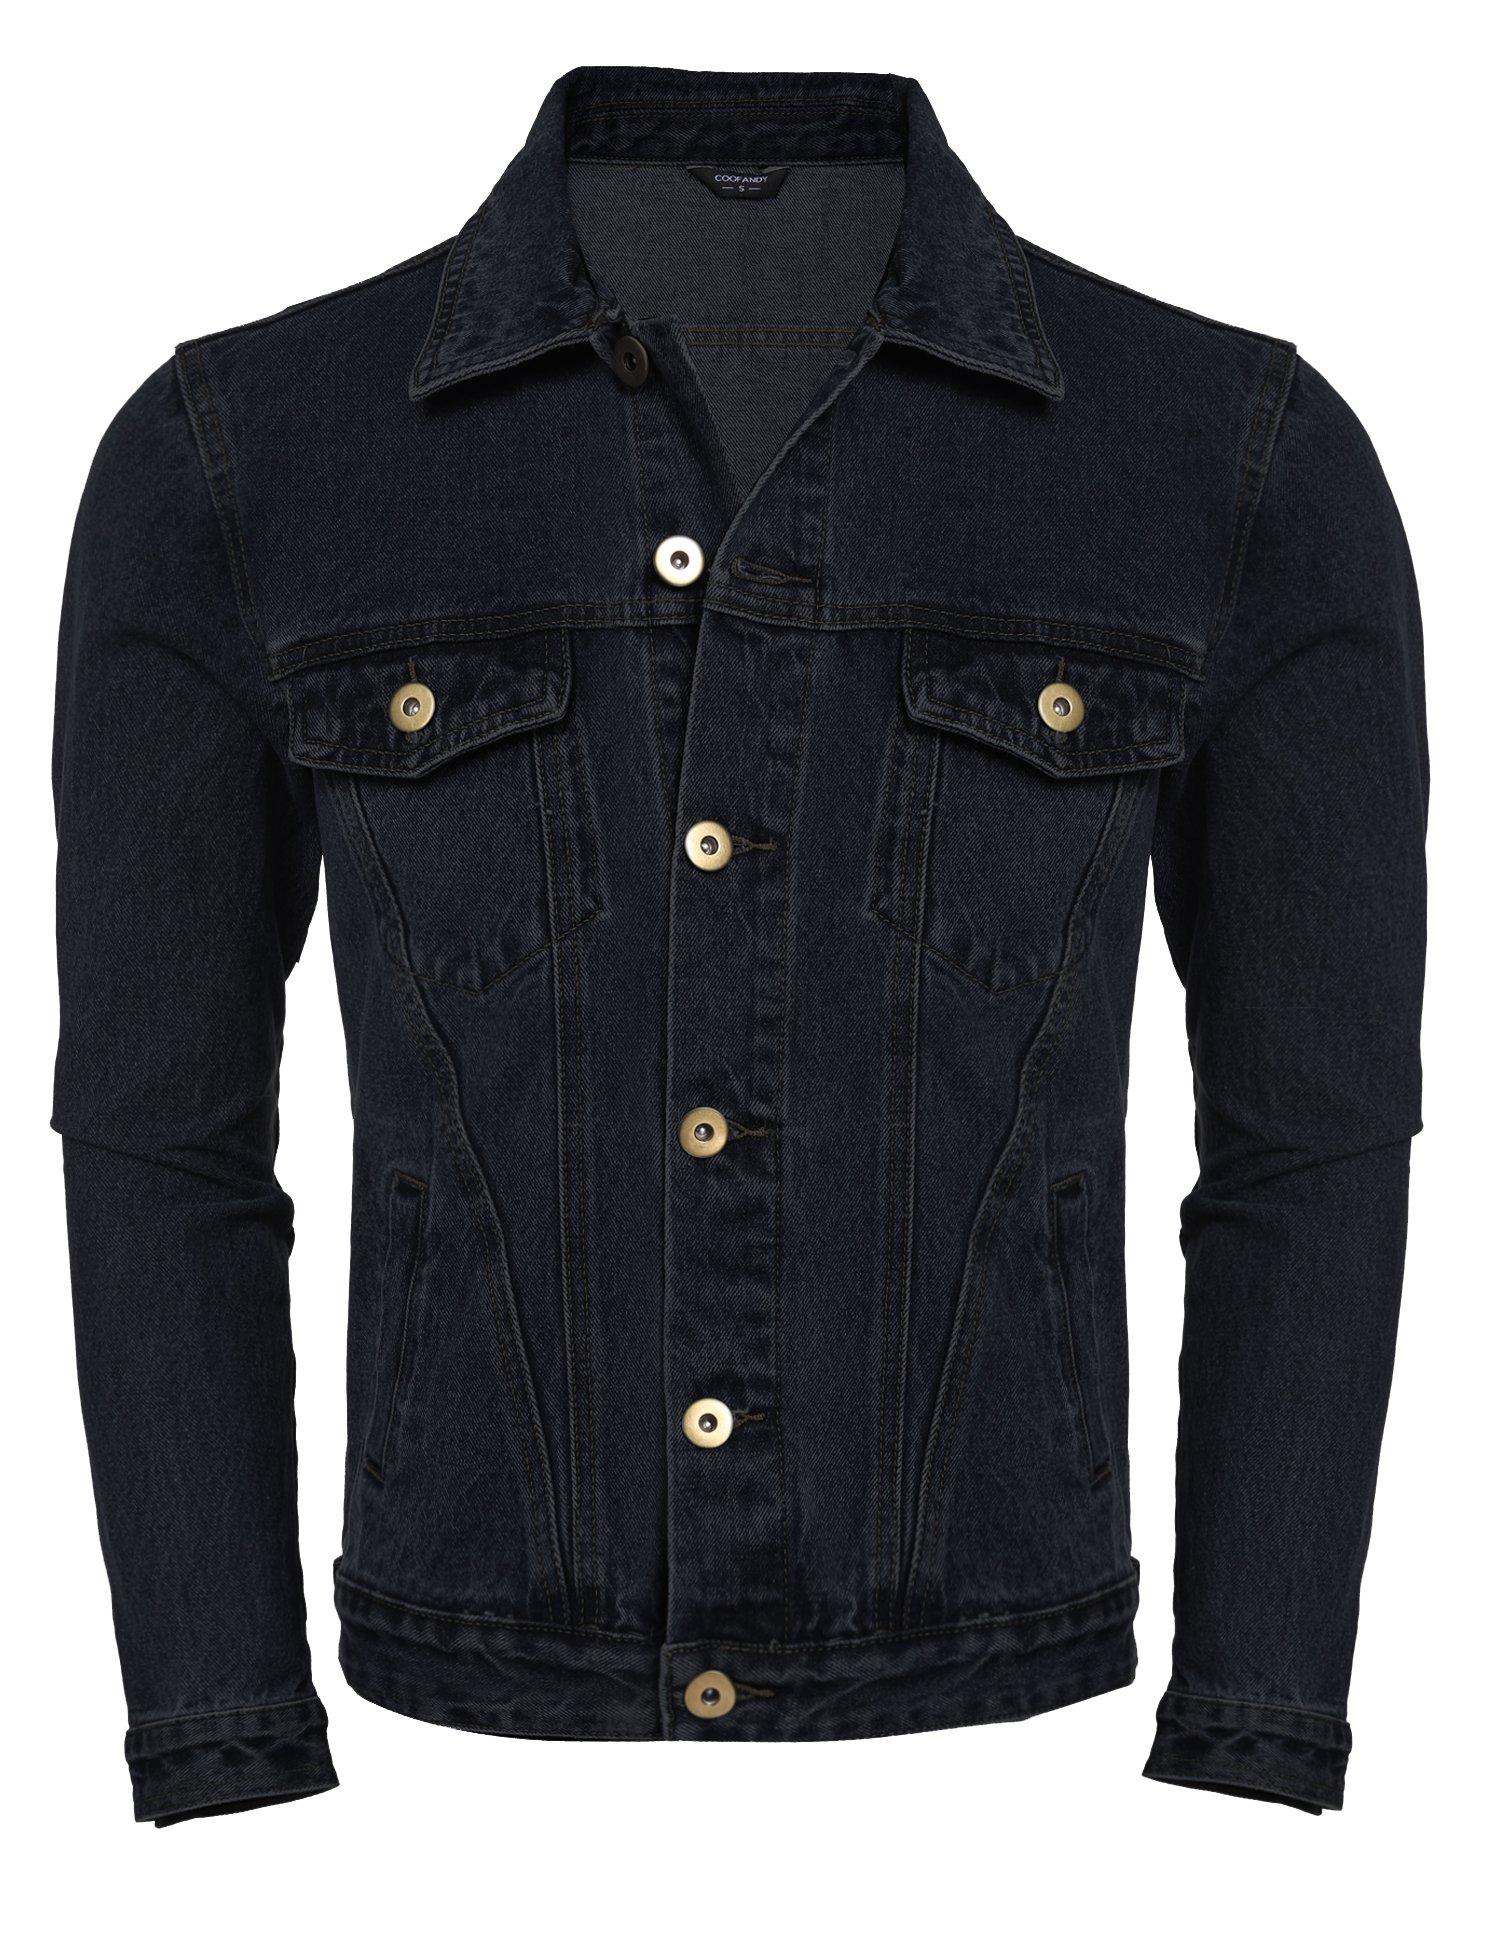 COOFANDY Men's Rugged Wear Unlined Jean Denim Jacket (Medium, Black)